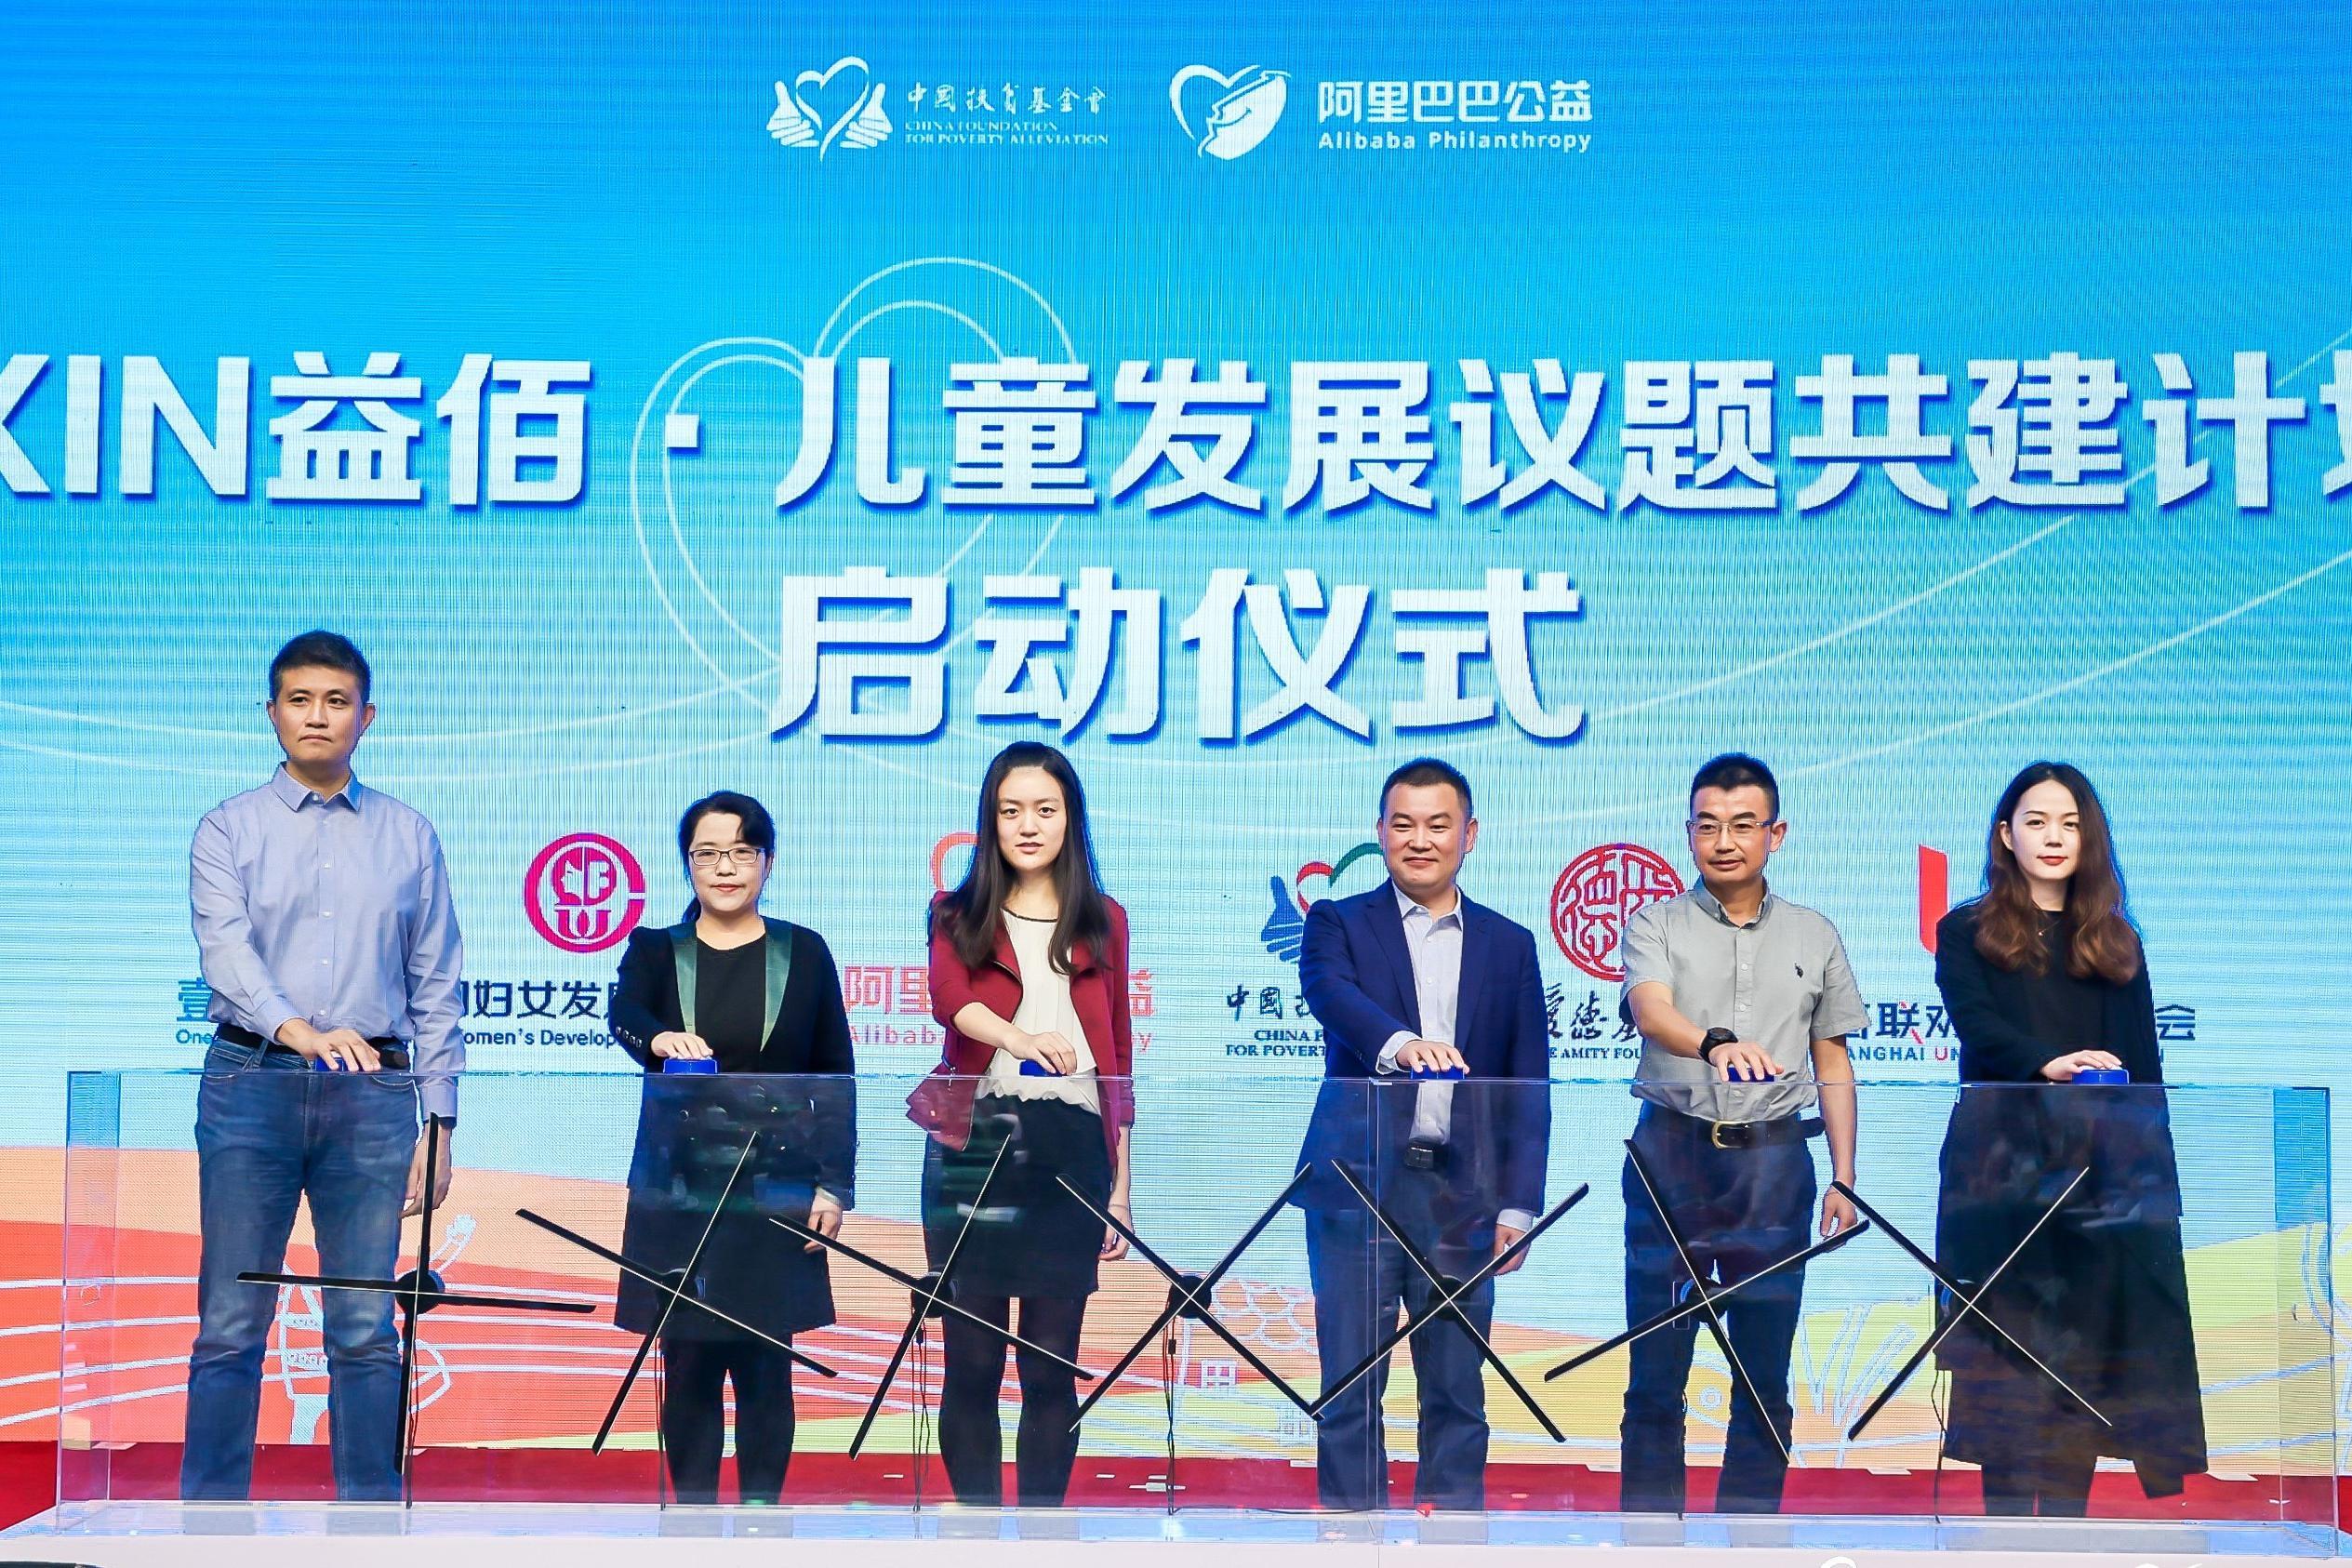 乡村儿童发展论坛在京举行 上海联劝公益基金会共同发布联合倡议